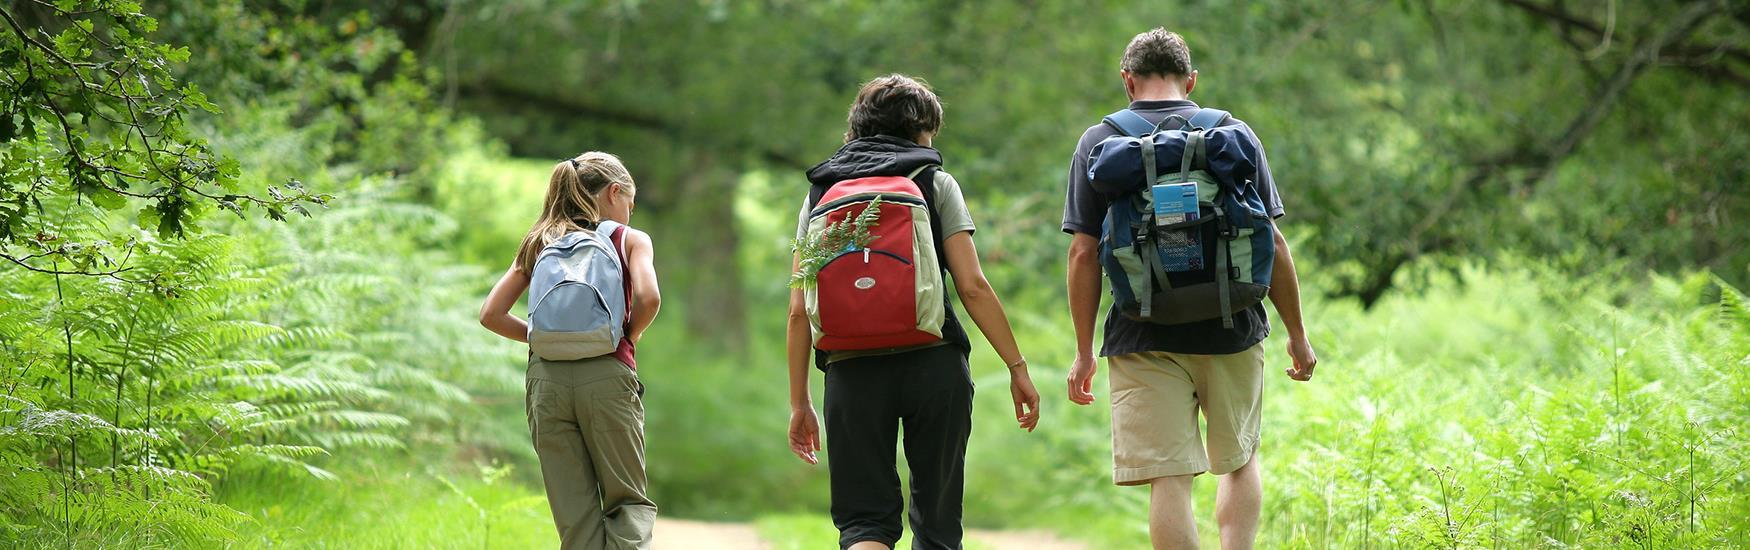 Walks & Trails